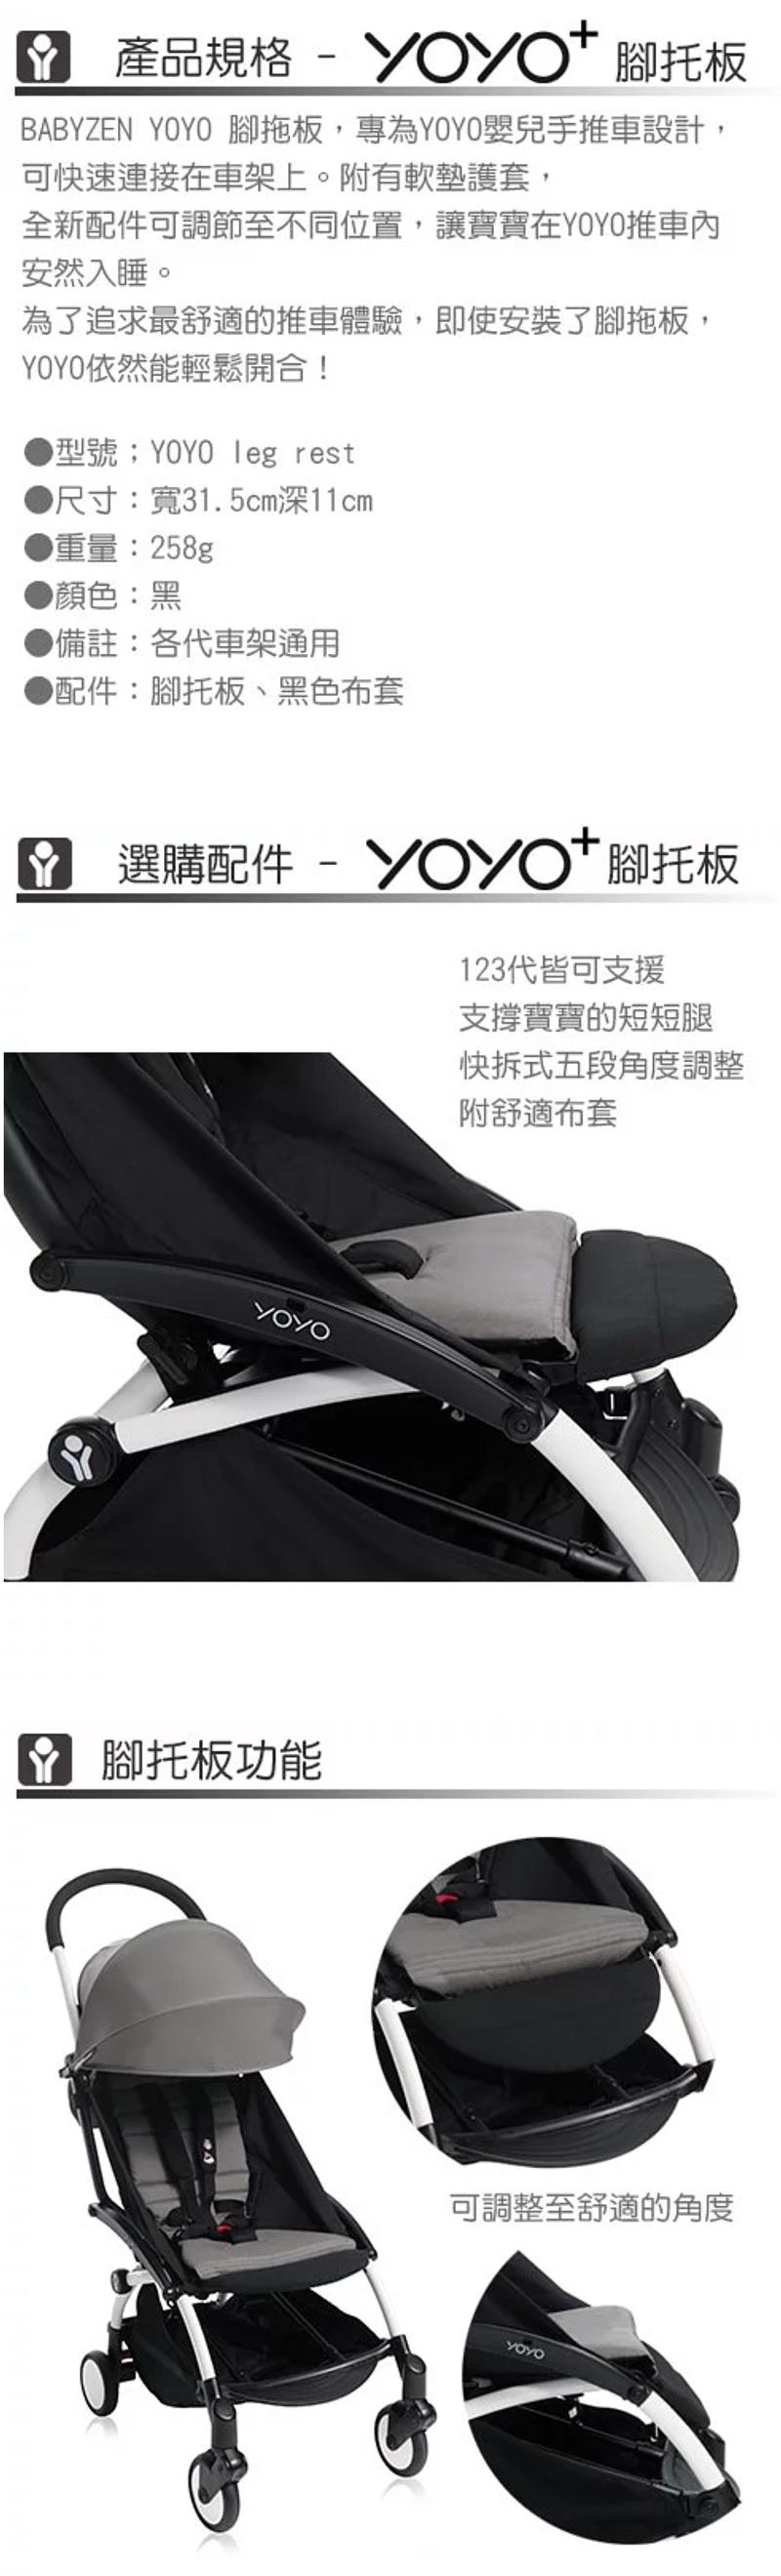 babyzen-footon-info01